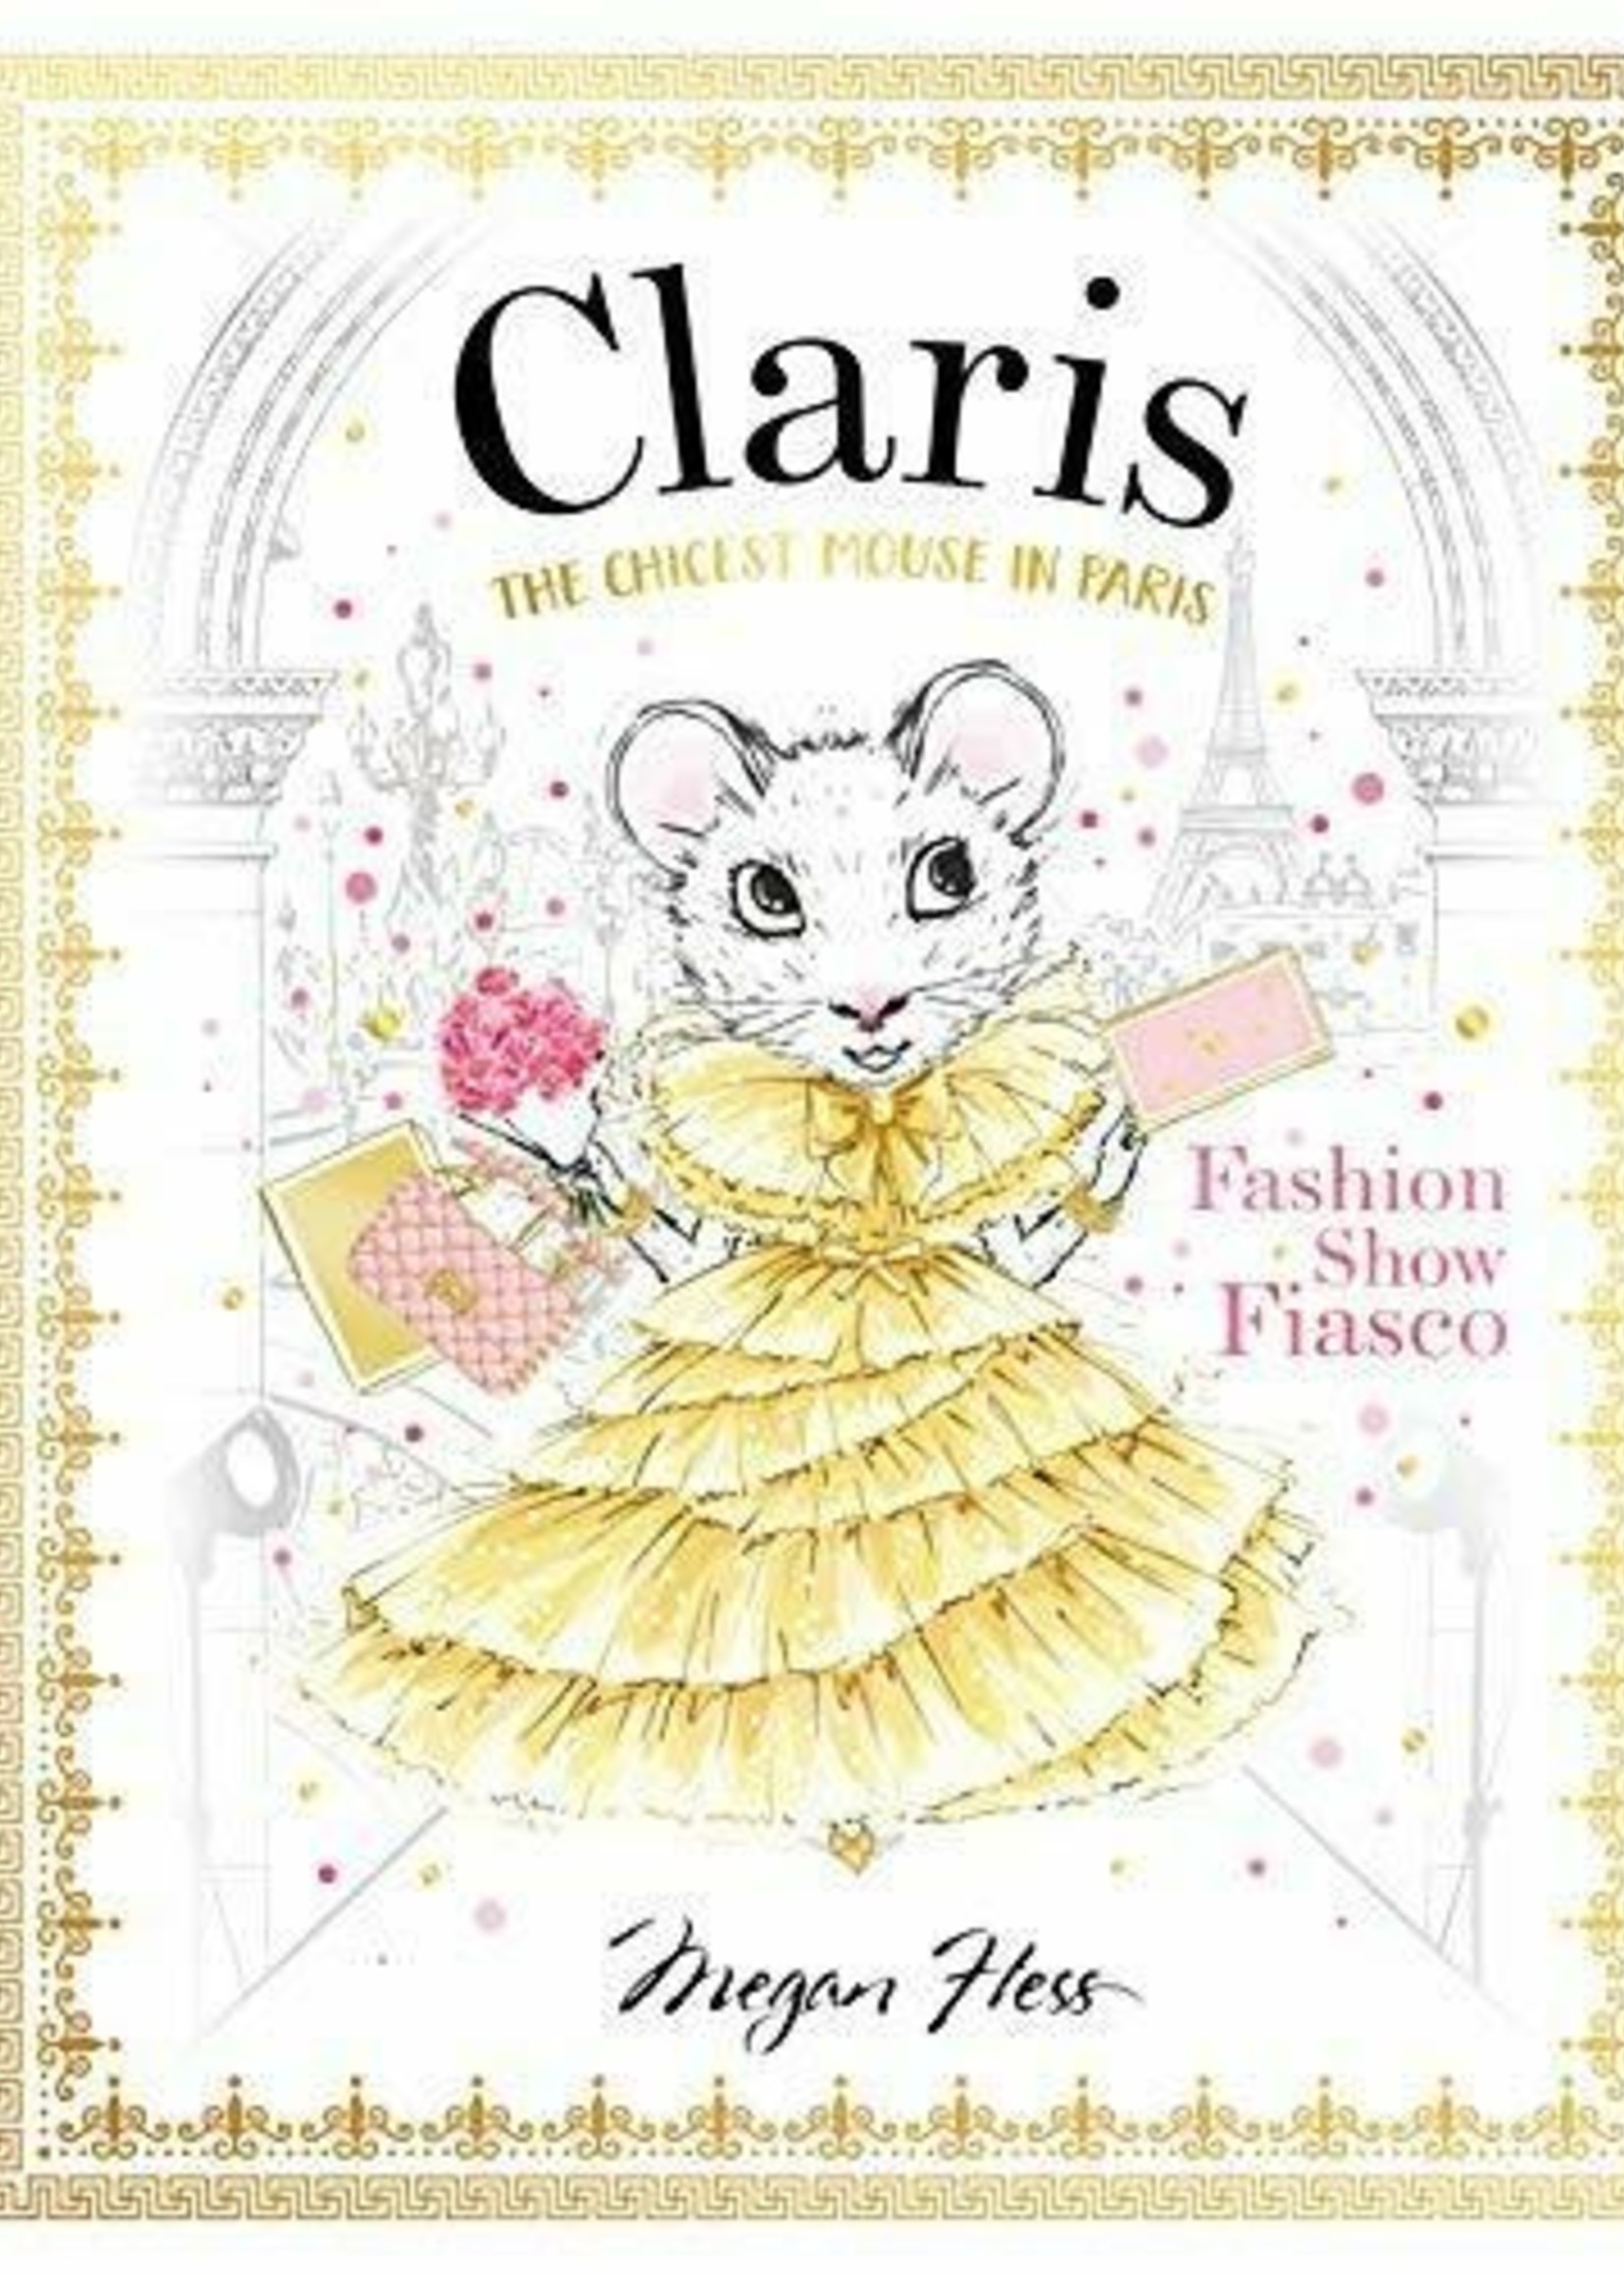 CLARIS FASHION SHOW FIASCO